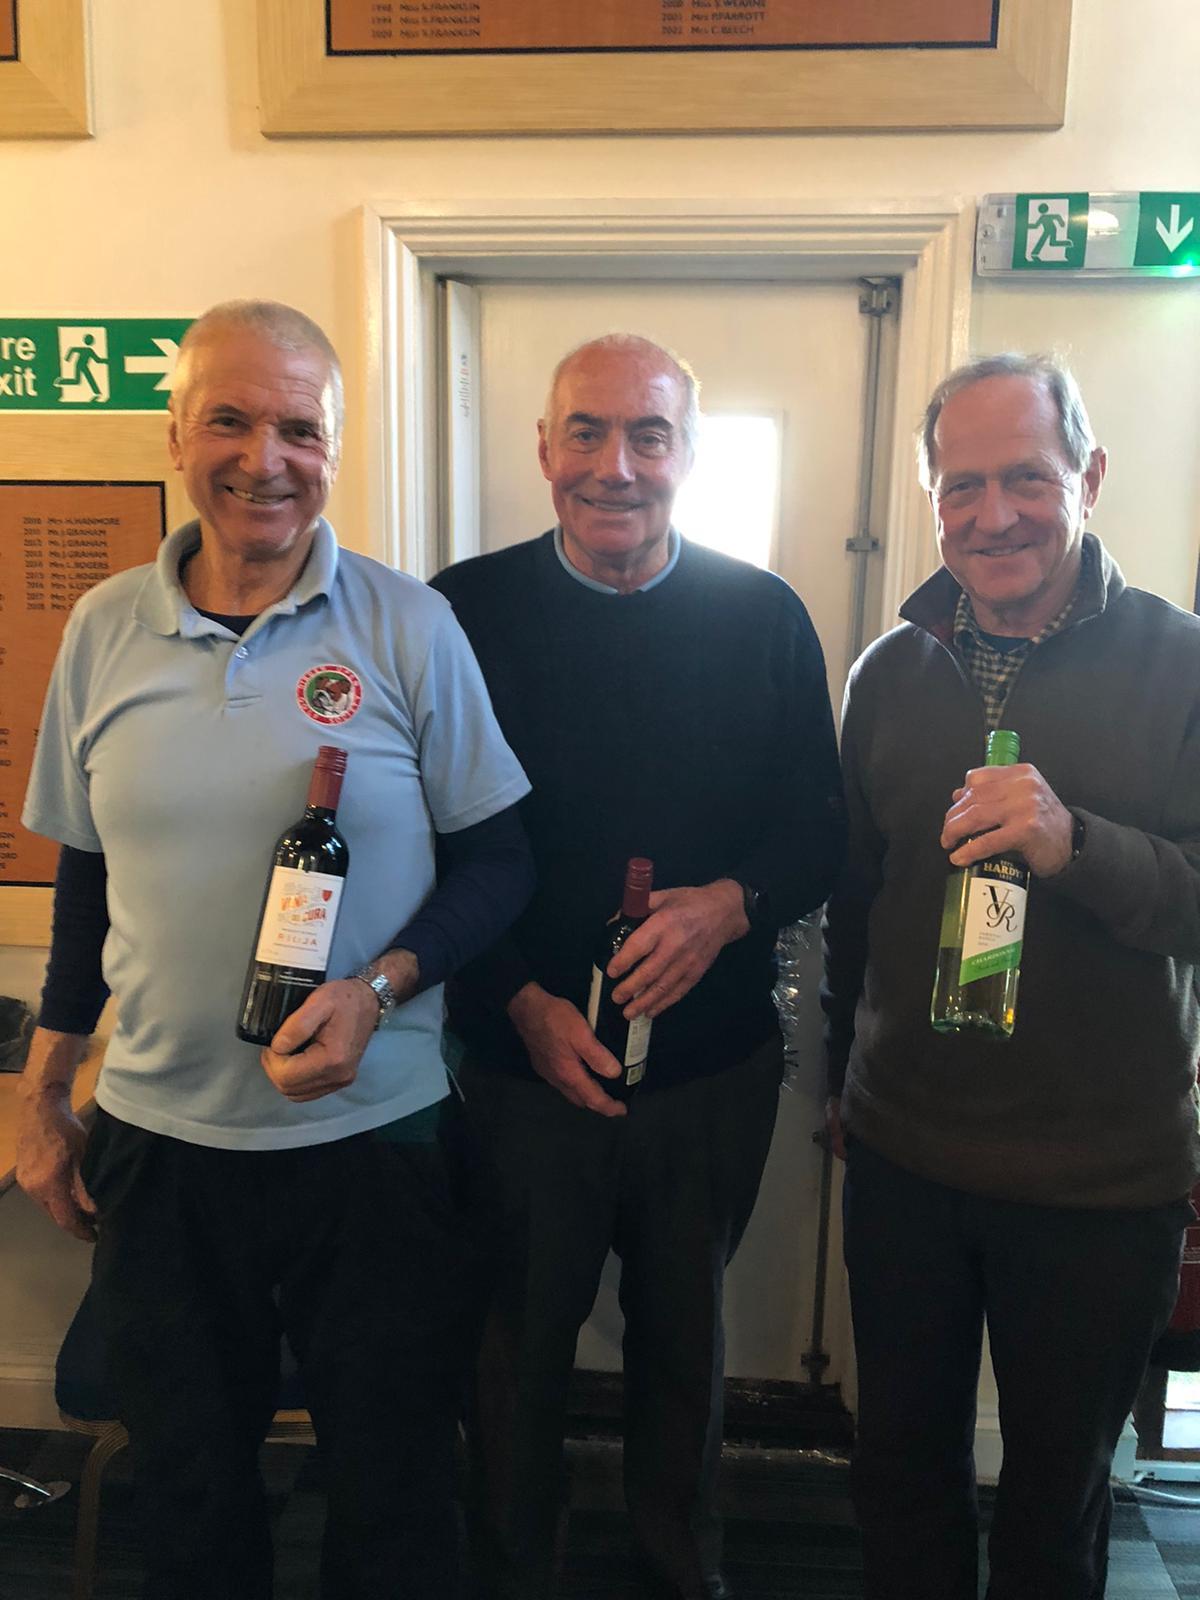 Wine Winners: 3 December:  L - R: D Loman, I Cameron, A Flaxman